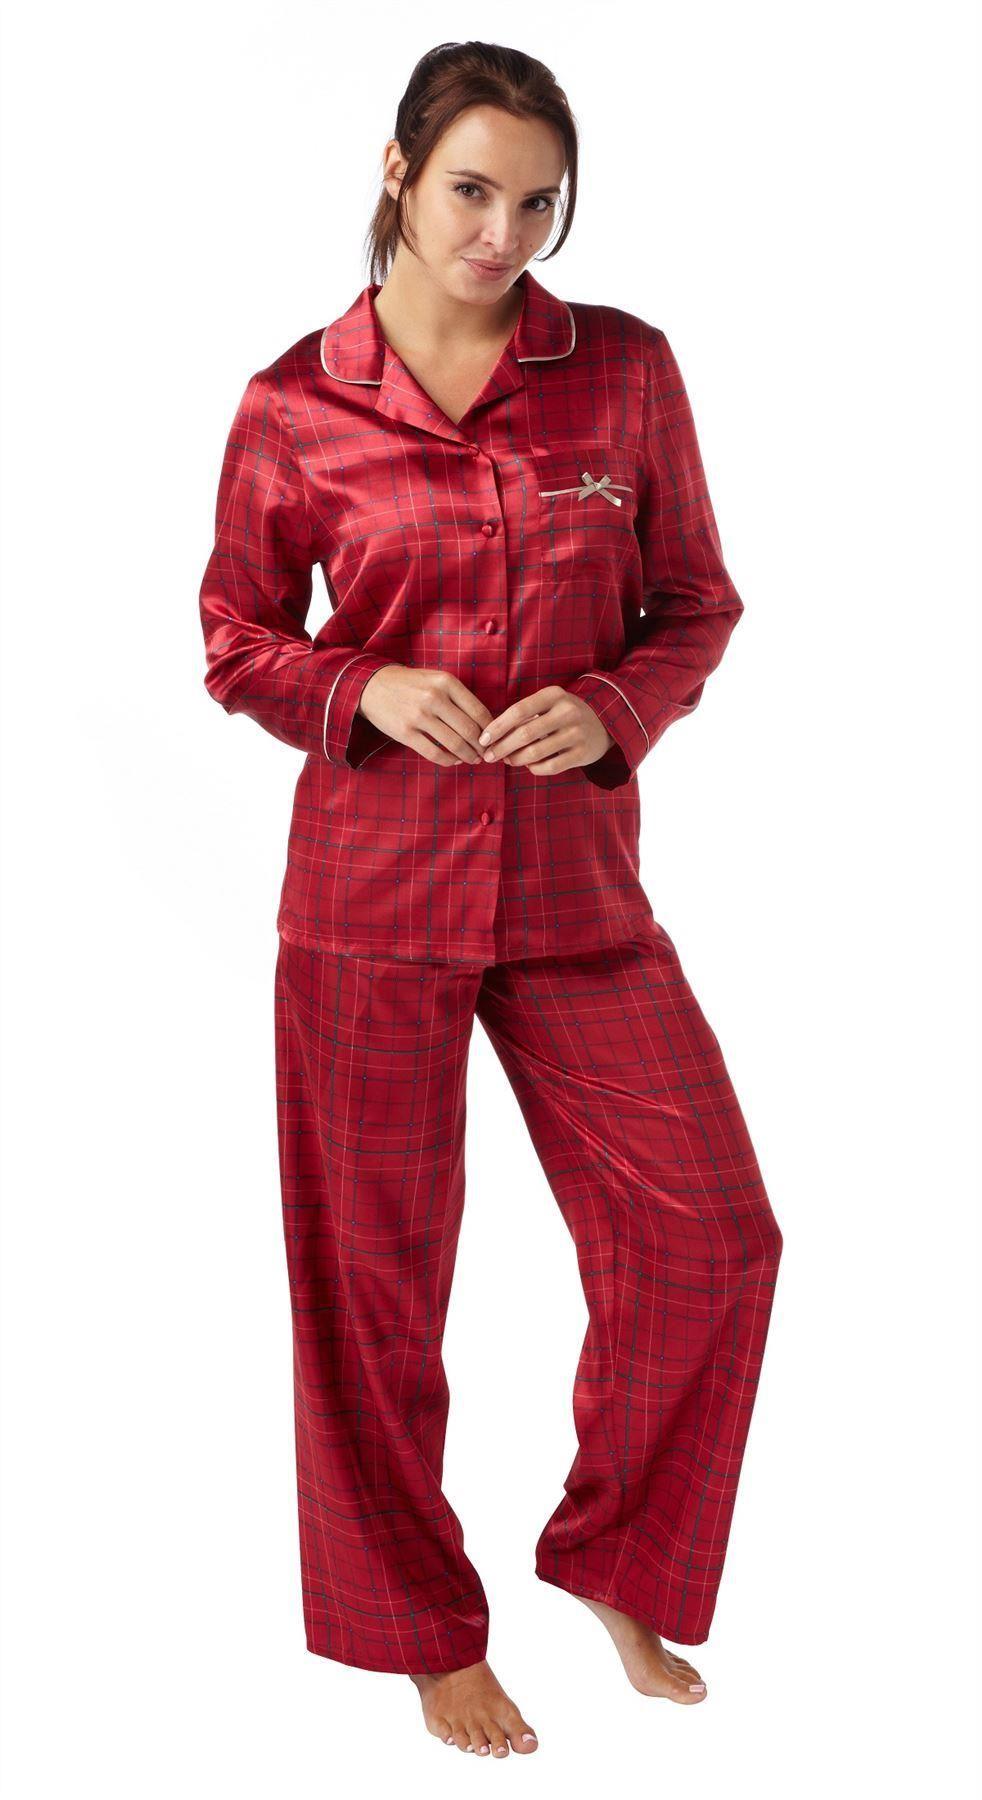 damen satin seide schlafanzug pyjama nachtw sche ebay. Black Bedroom Furniture Sets. Home Design Ideas